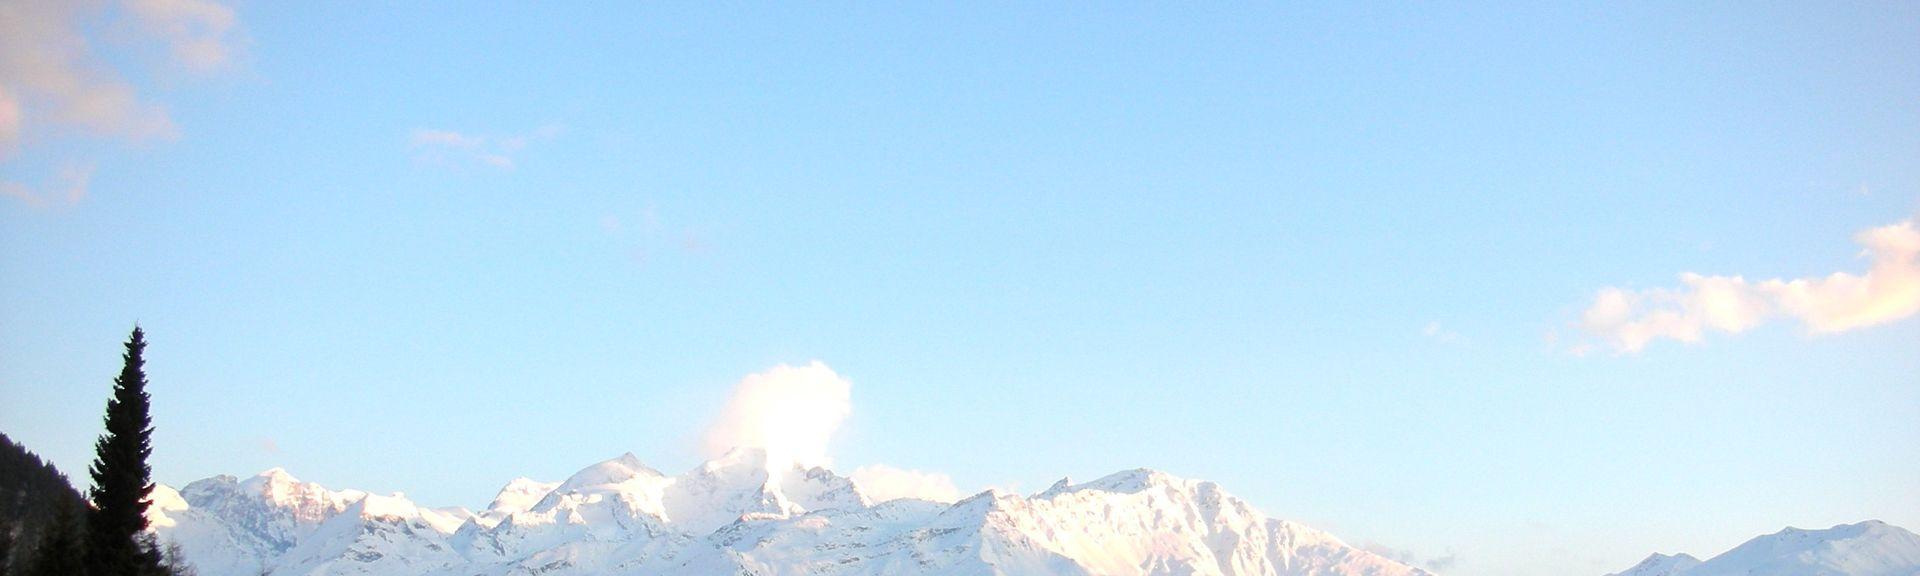 Les Rousses-Le Bate Skilift, Ayent, Valais, Schweiz